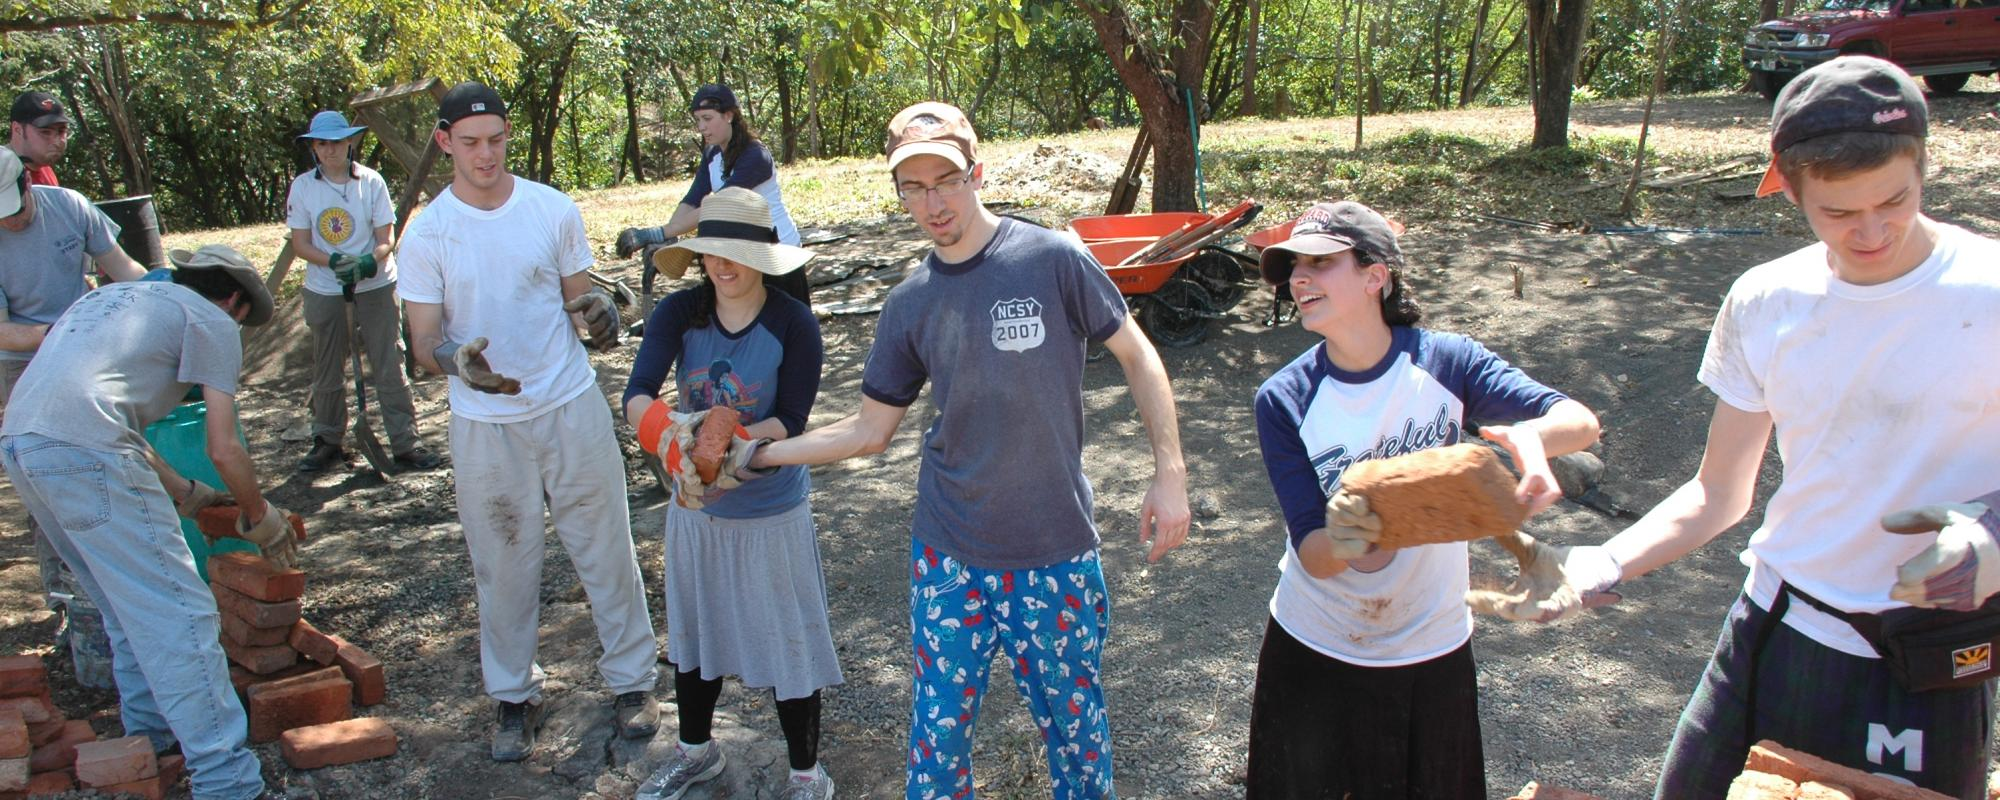 volunteers passing bricks